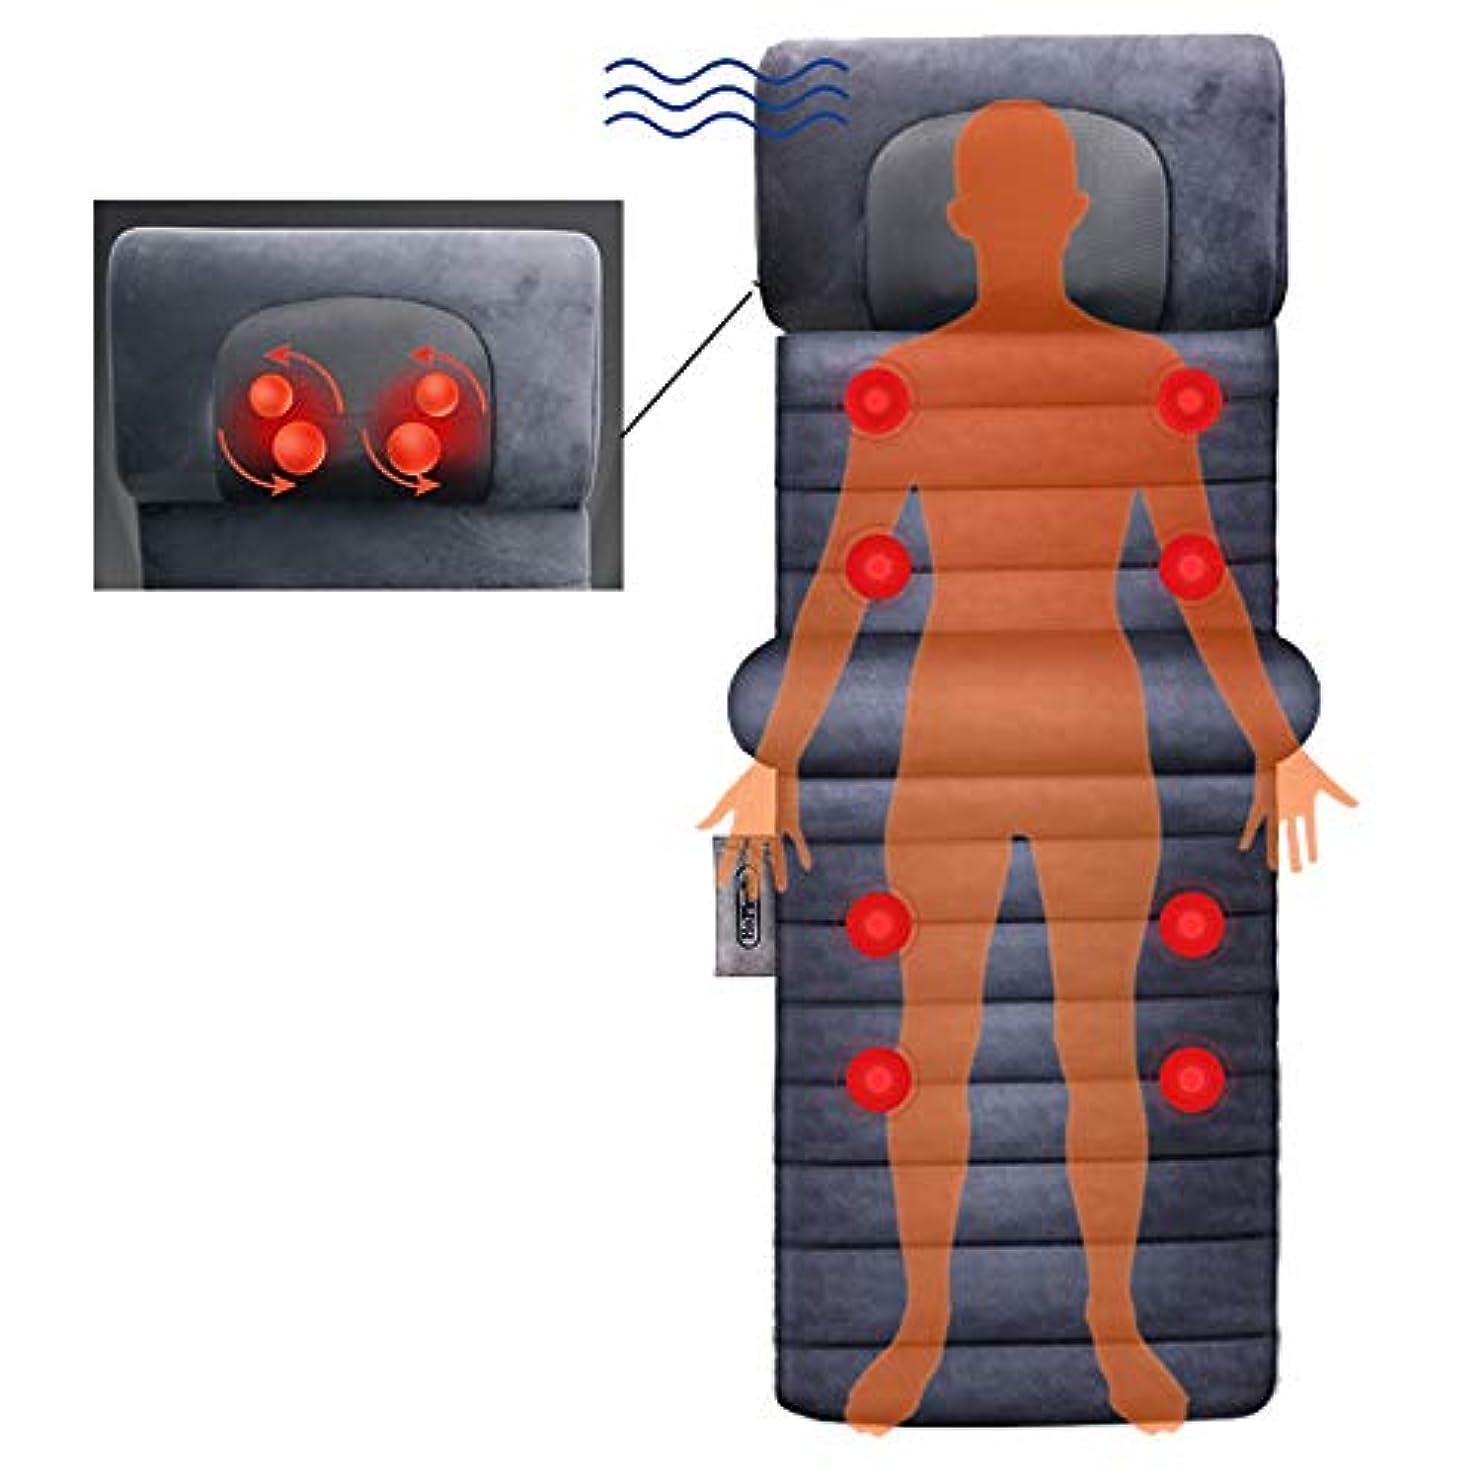 魅惑的な接尾辞くつろぎマットレス遠赤外線暖房セラピーネック背中のマッサージリラクゼーションベッドマッサージフルボディマッサージマットエレクトリックバイブレーター